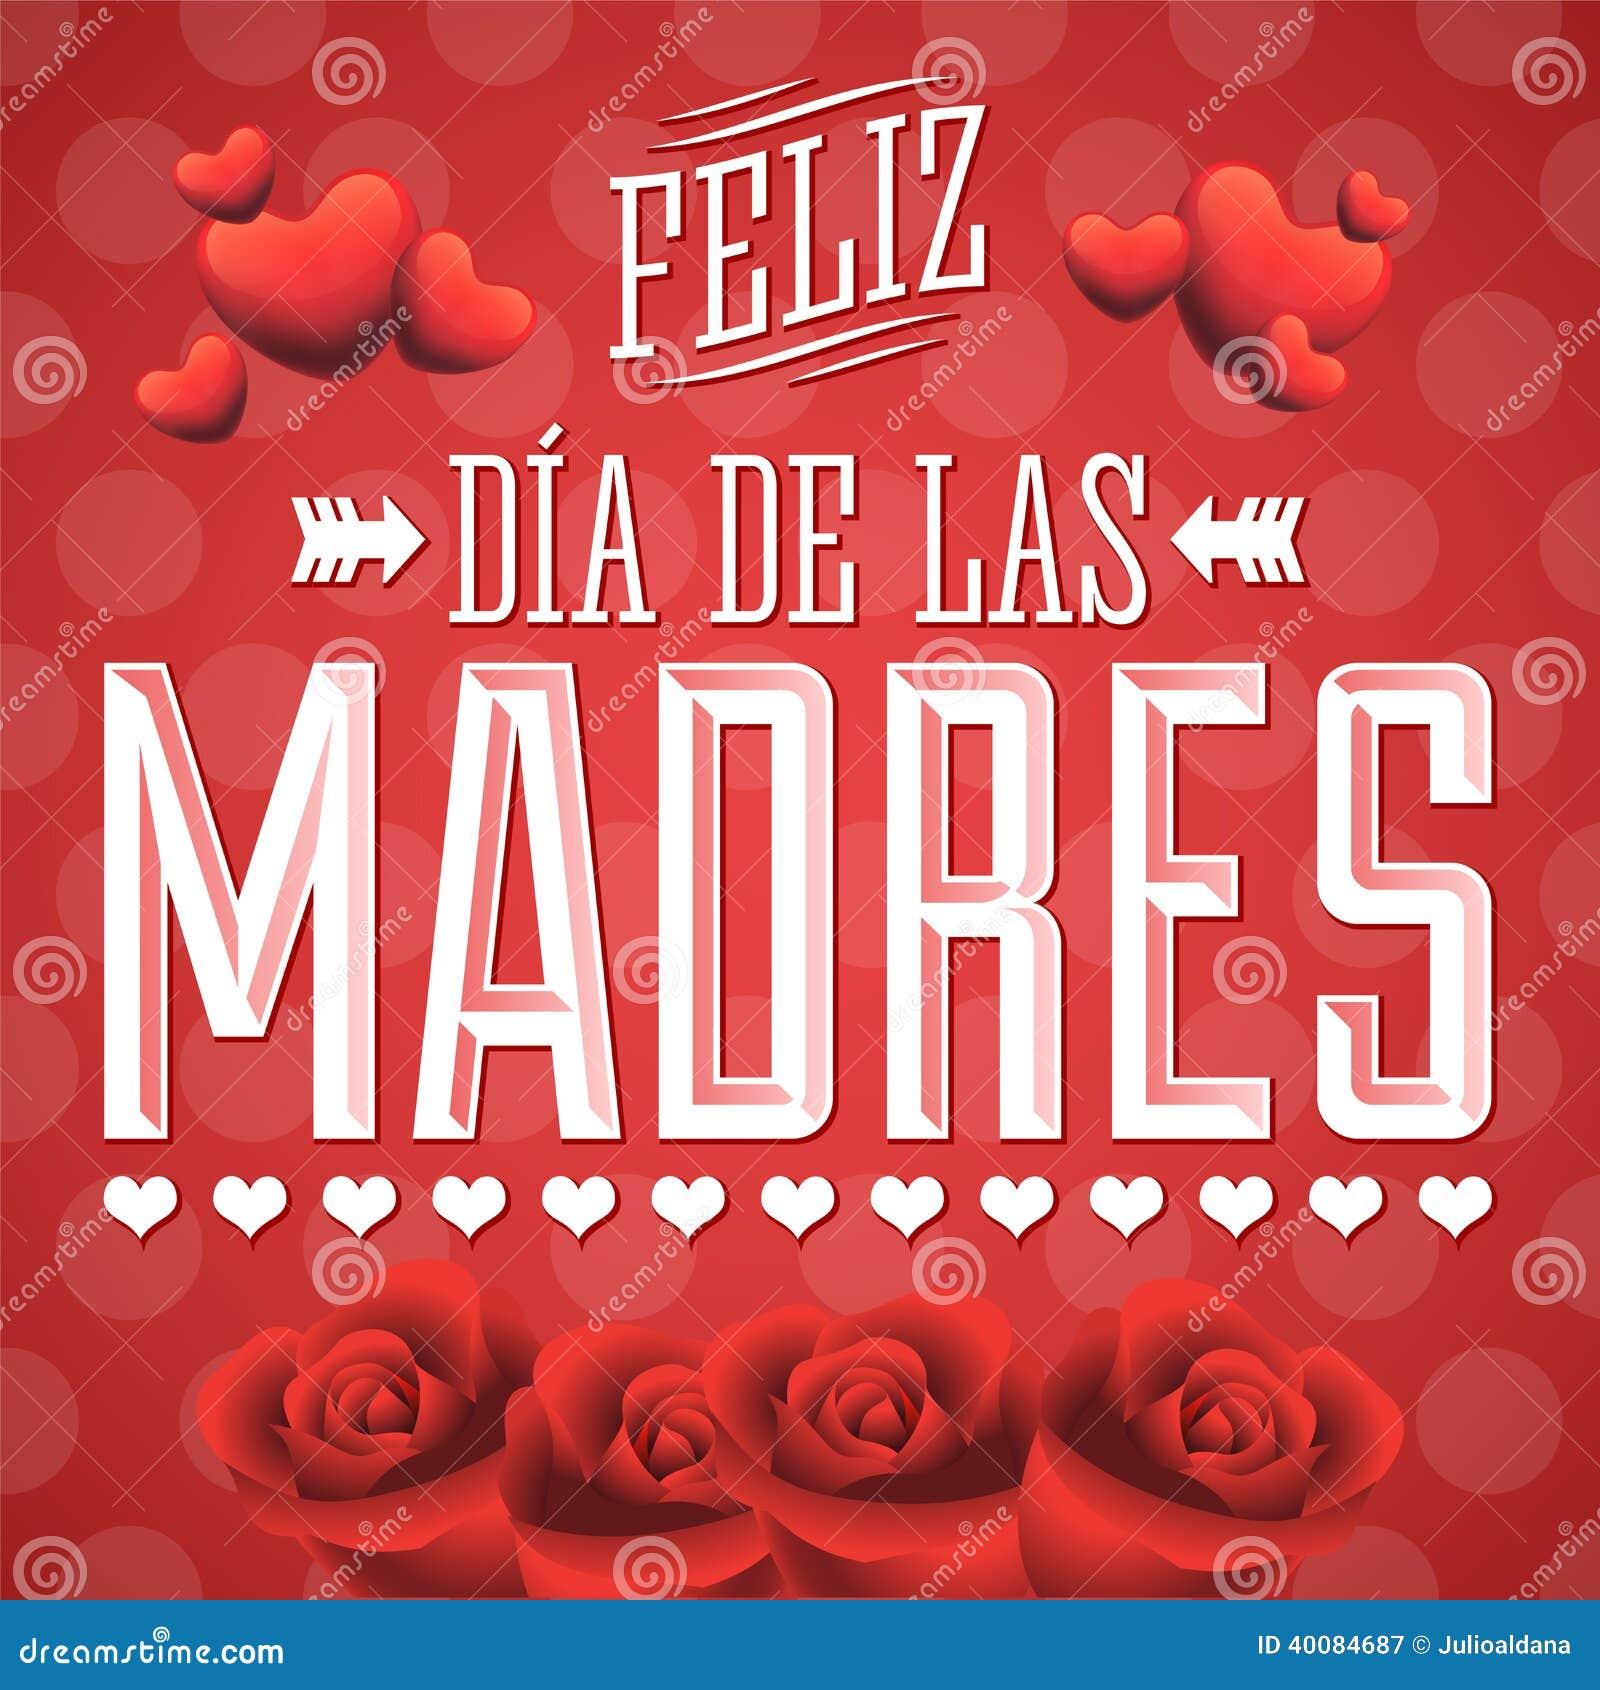 feliz dia de las madres happy mother s day spanish text stock